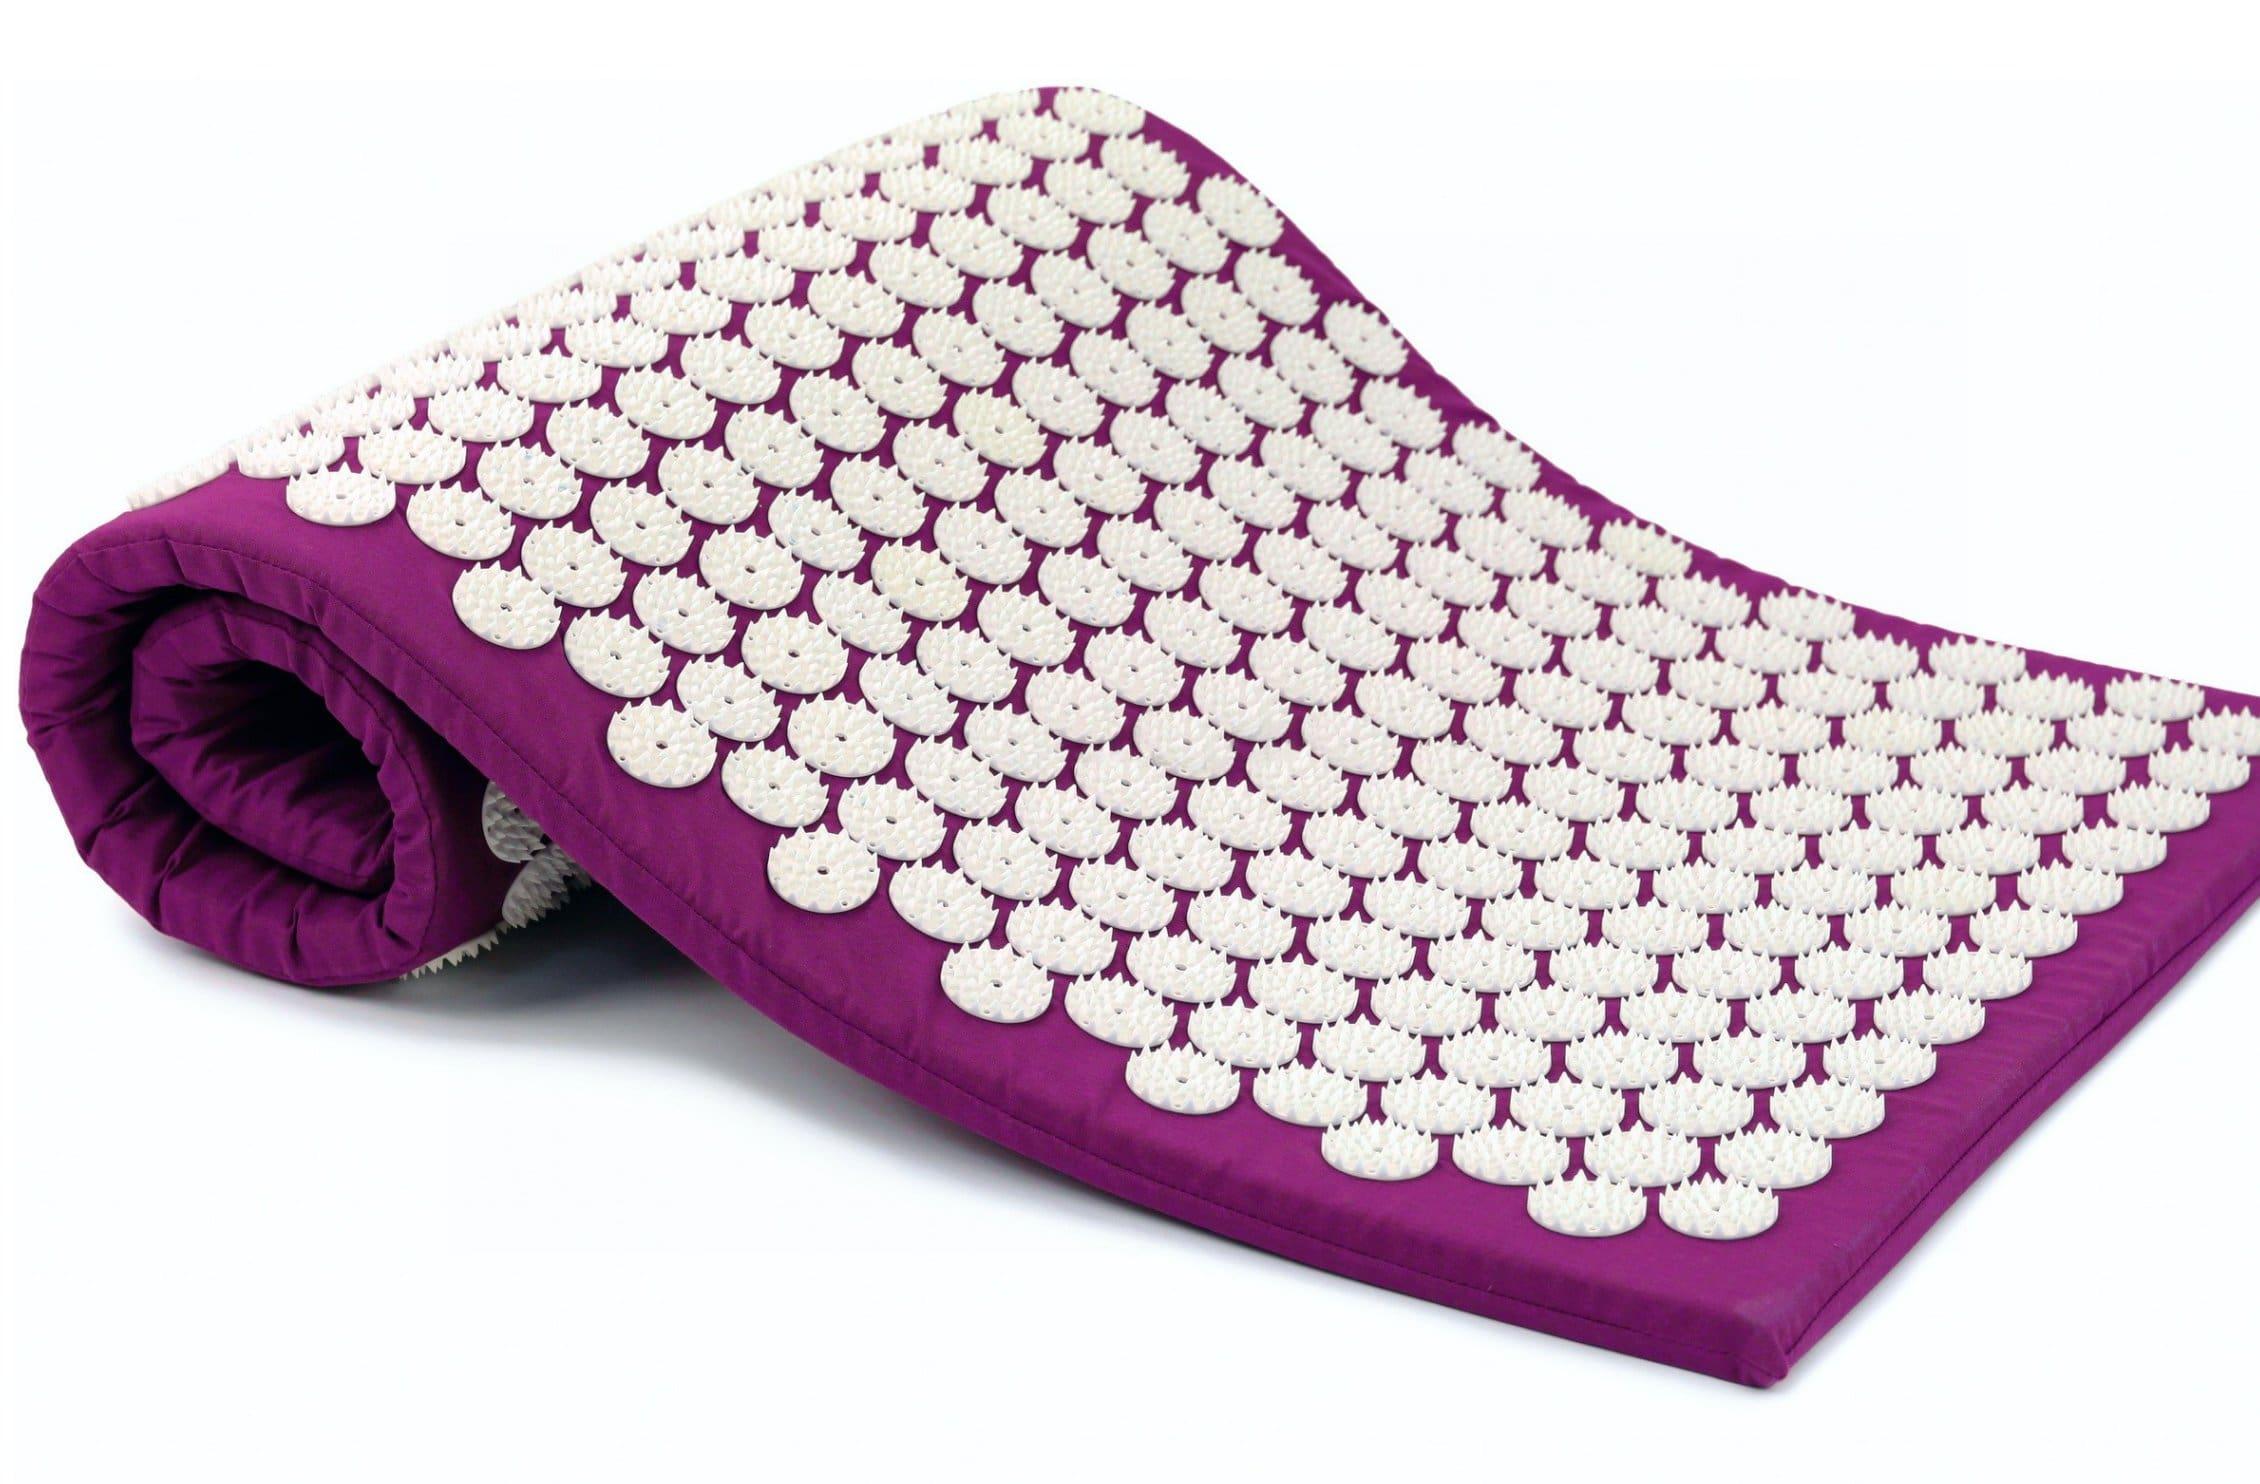 «Аппликатор Кузнецова» — коврик с игольчатыми пластмассовыми кнопками.